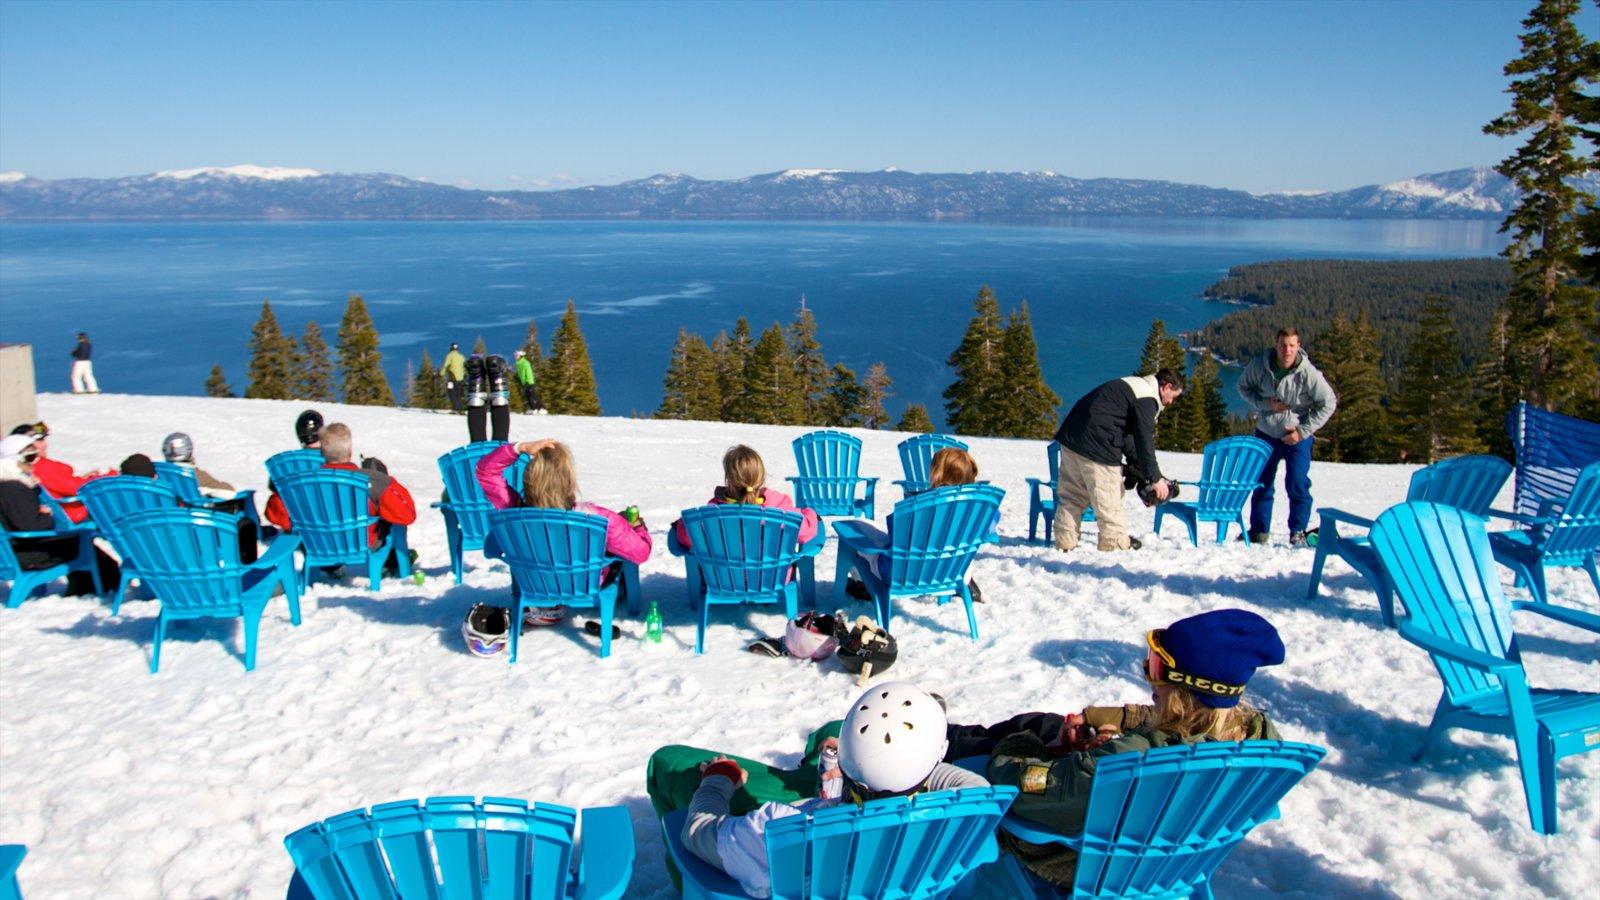 Homewood Mountain Resort ofreciendo una playa, montañas y un hotel o resort de lujo